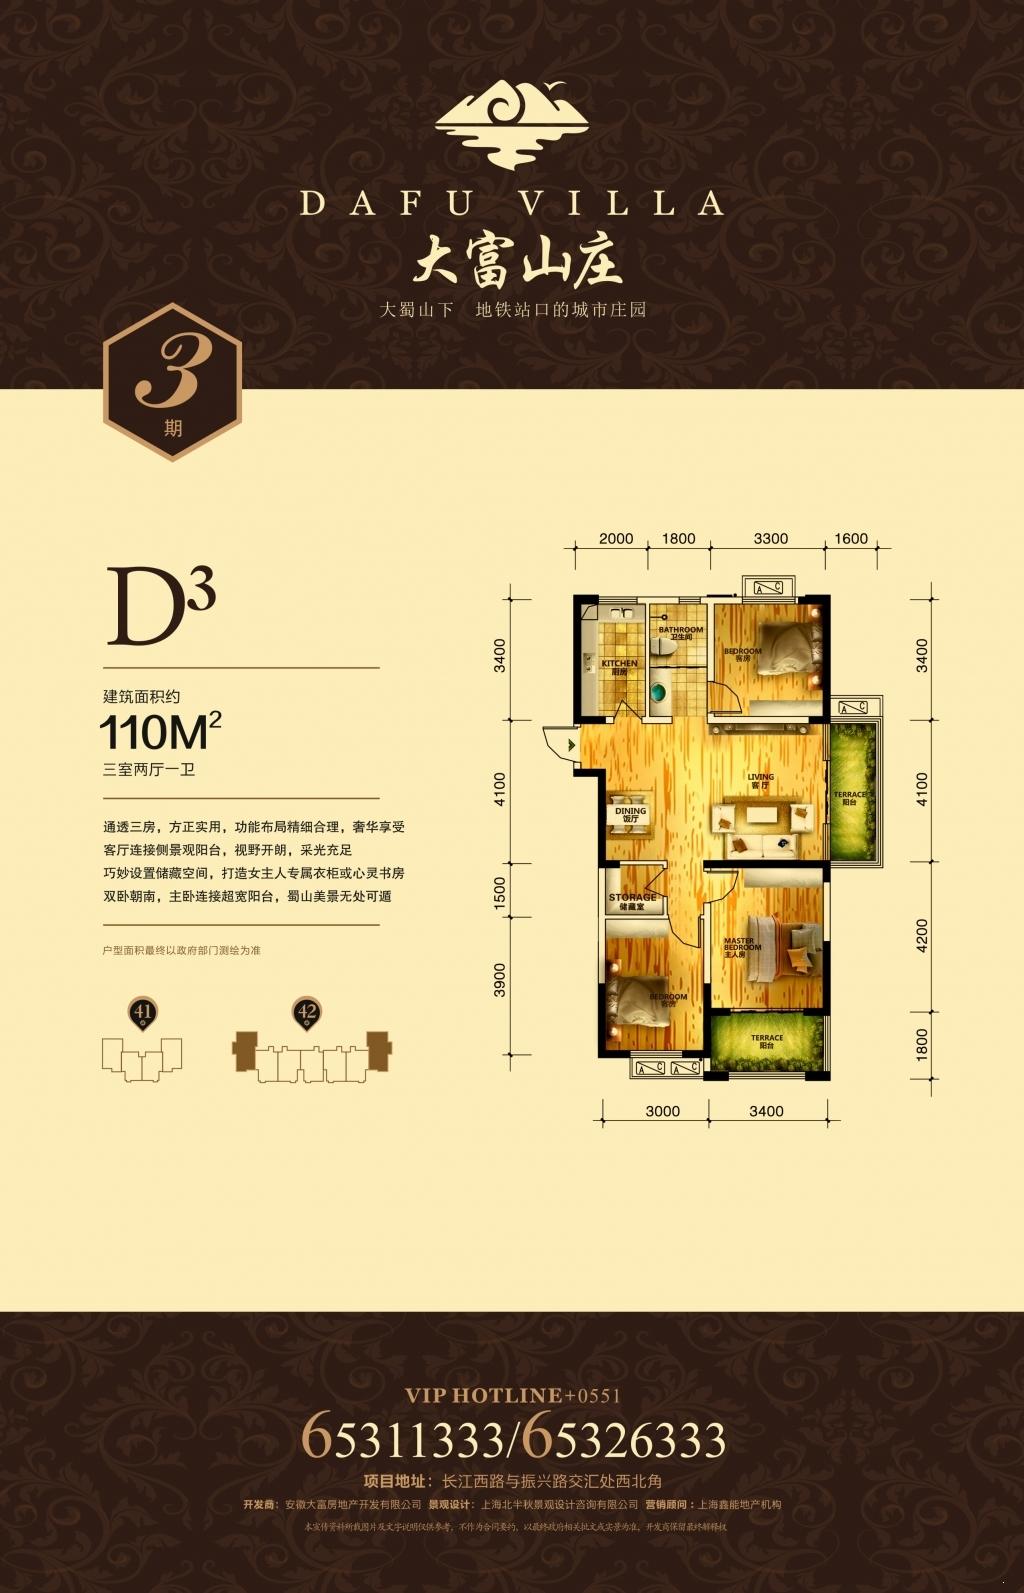 大富山庄D3